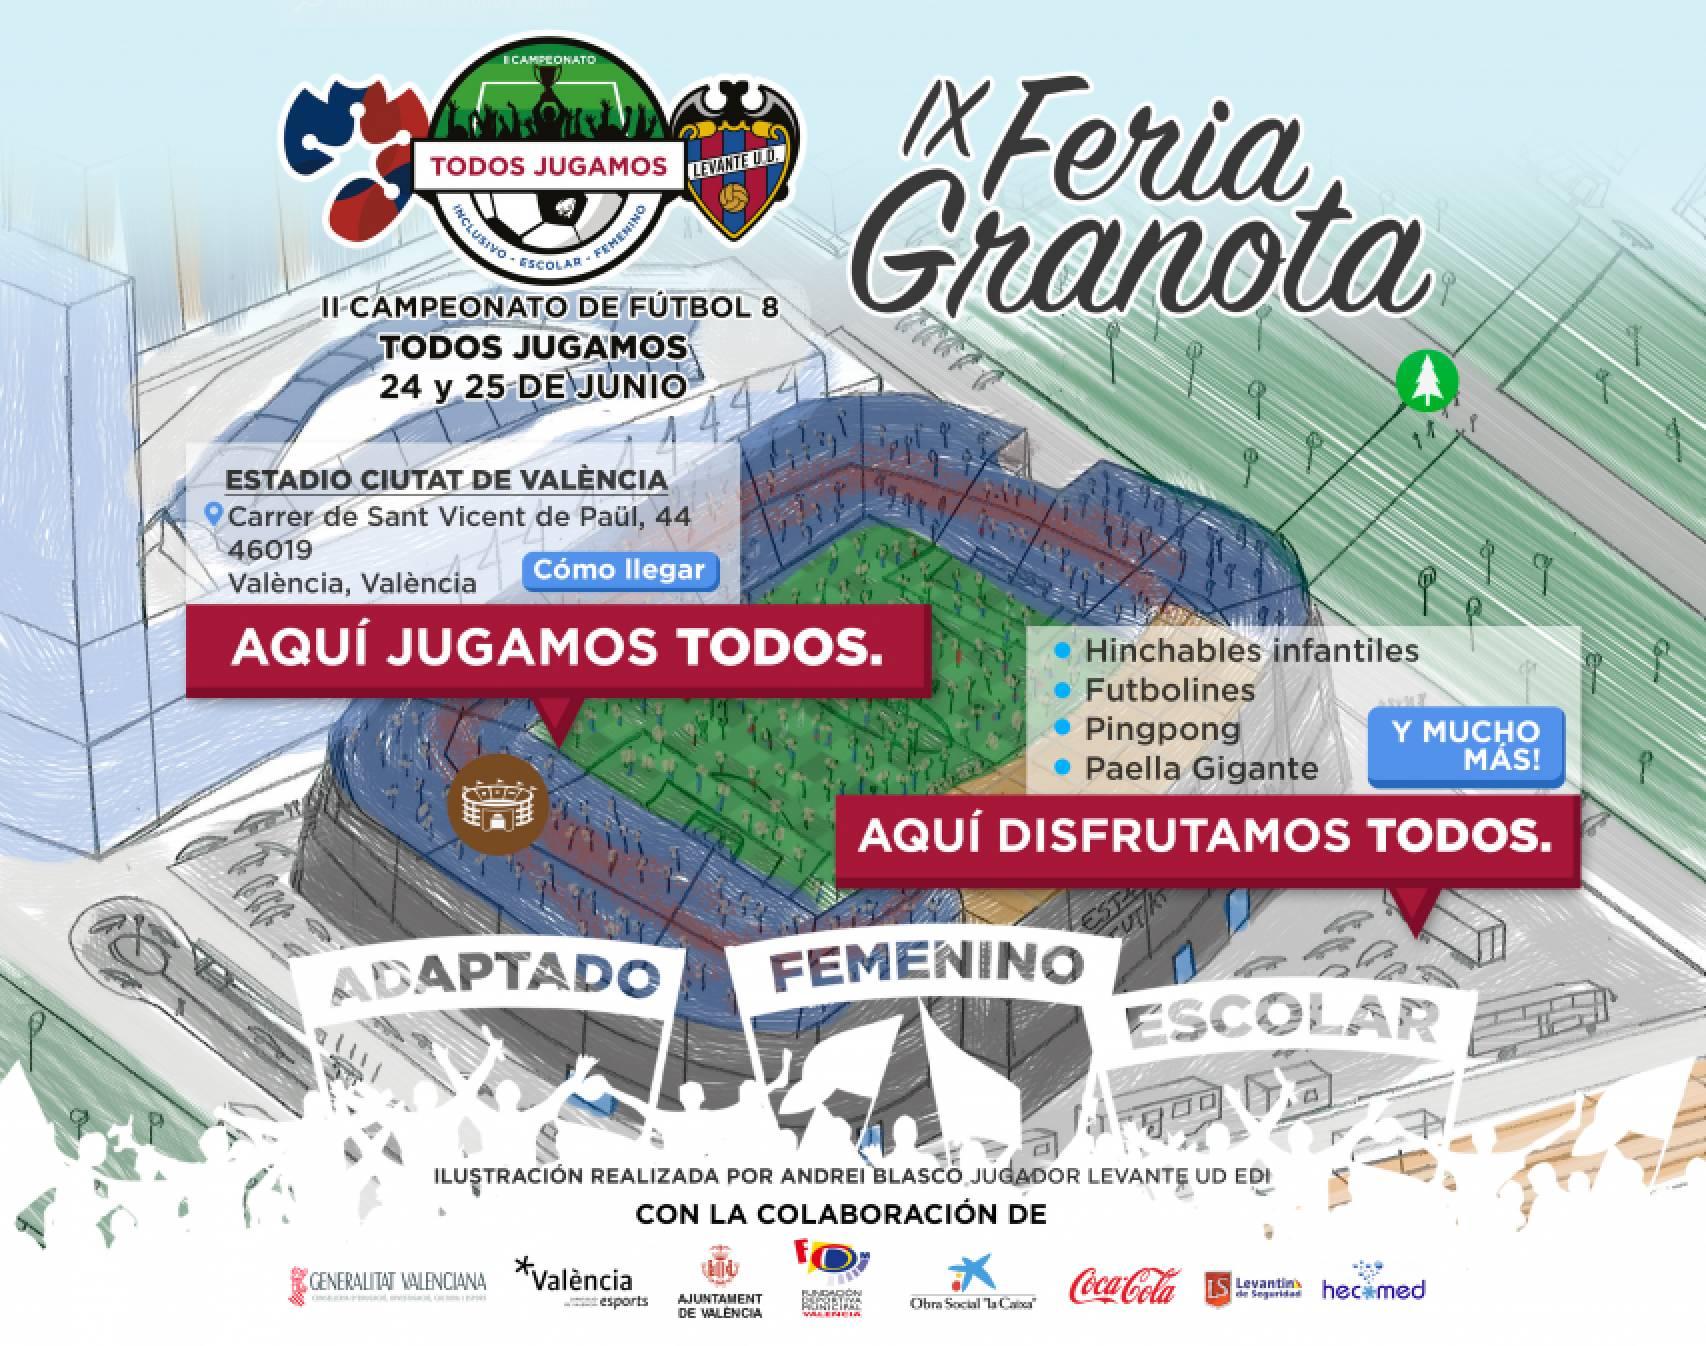 Este domingo vuelve la Feria Granota: Paella gigante y actividades para niños